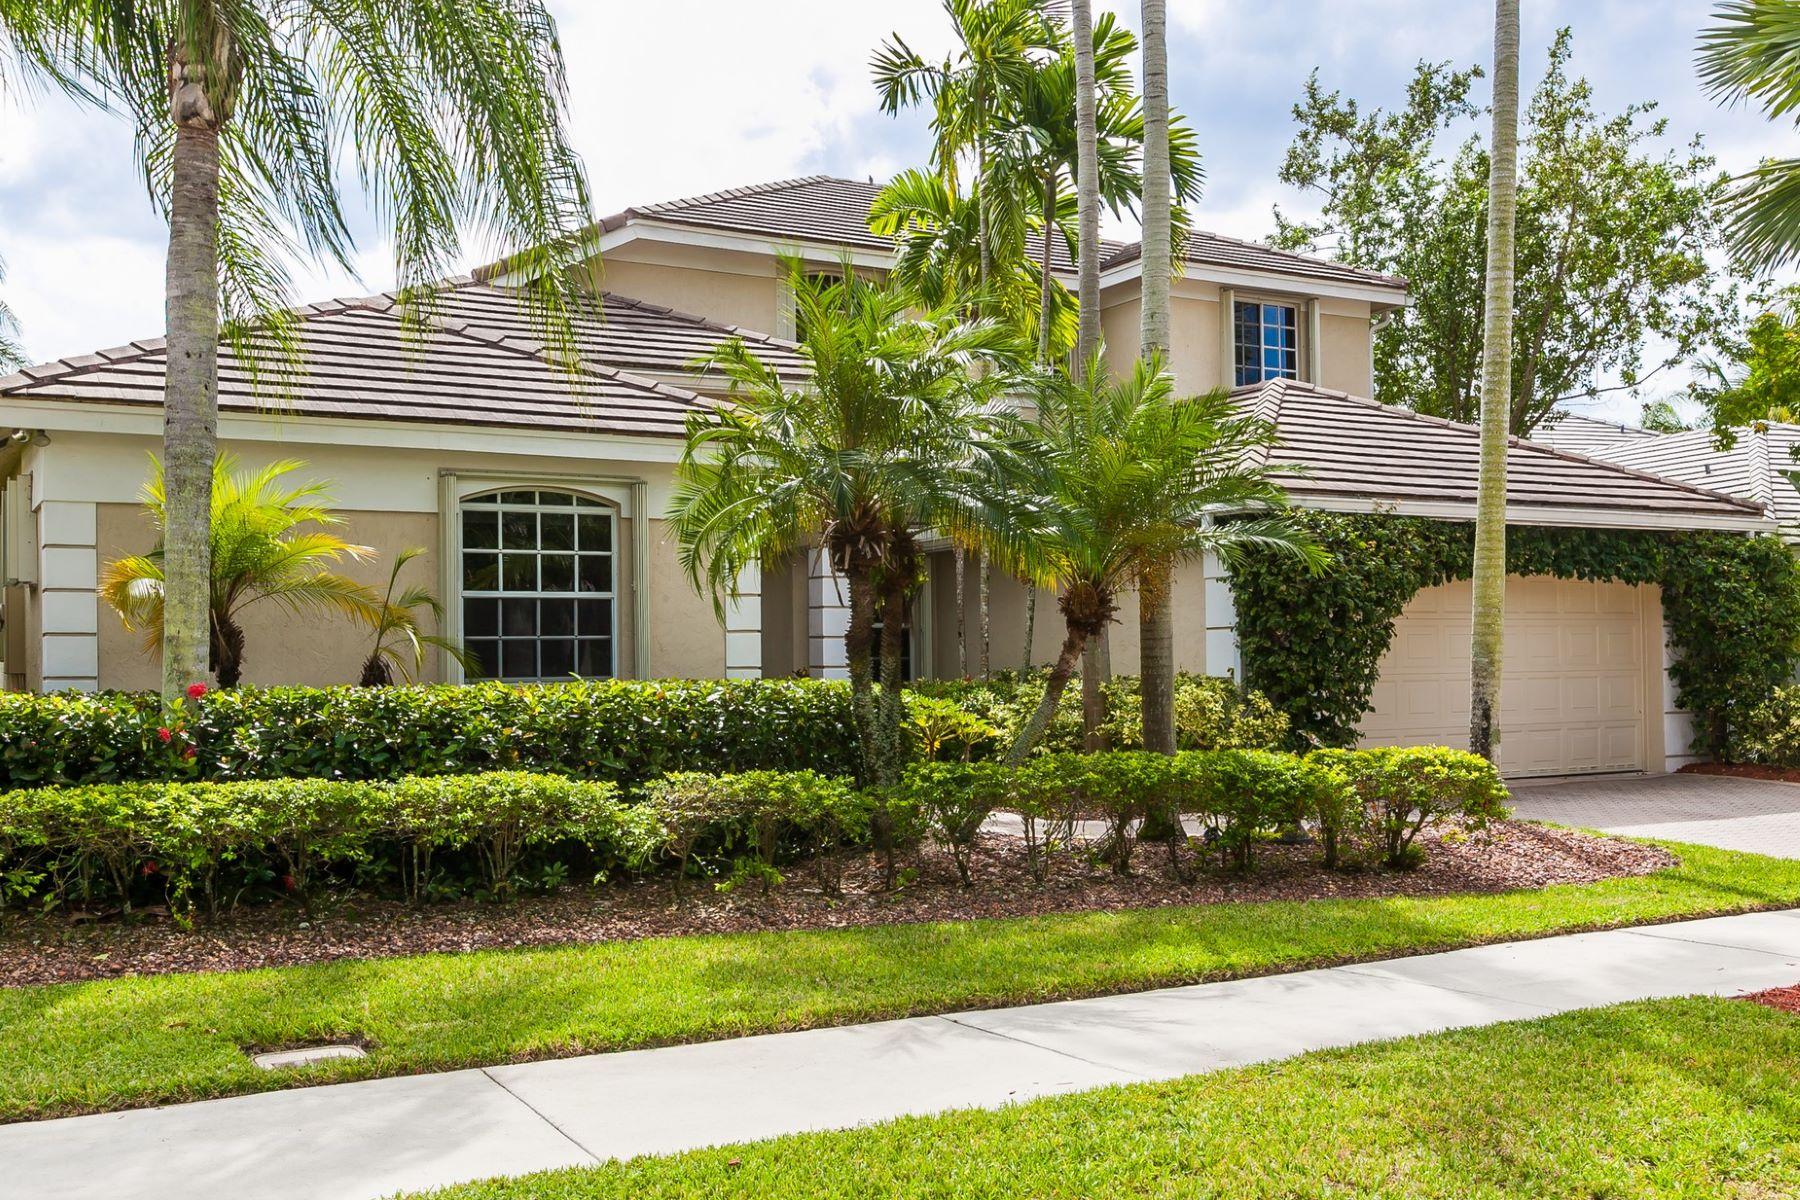 Частный односемейный дом для того Продажа на 2589 Jardin Ct. 2589 JARDIN COURT Weston, Флорида, 33327 Соединенные Штаты